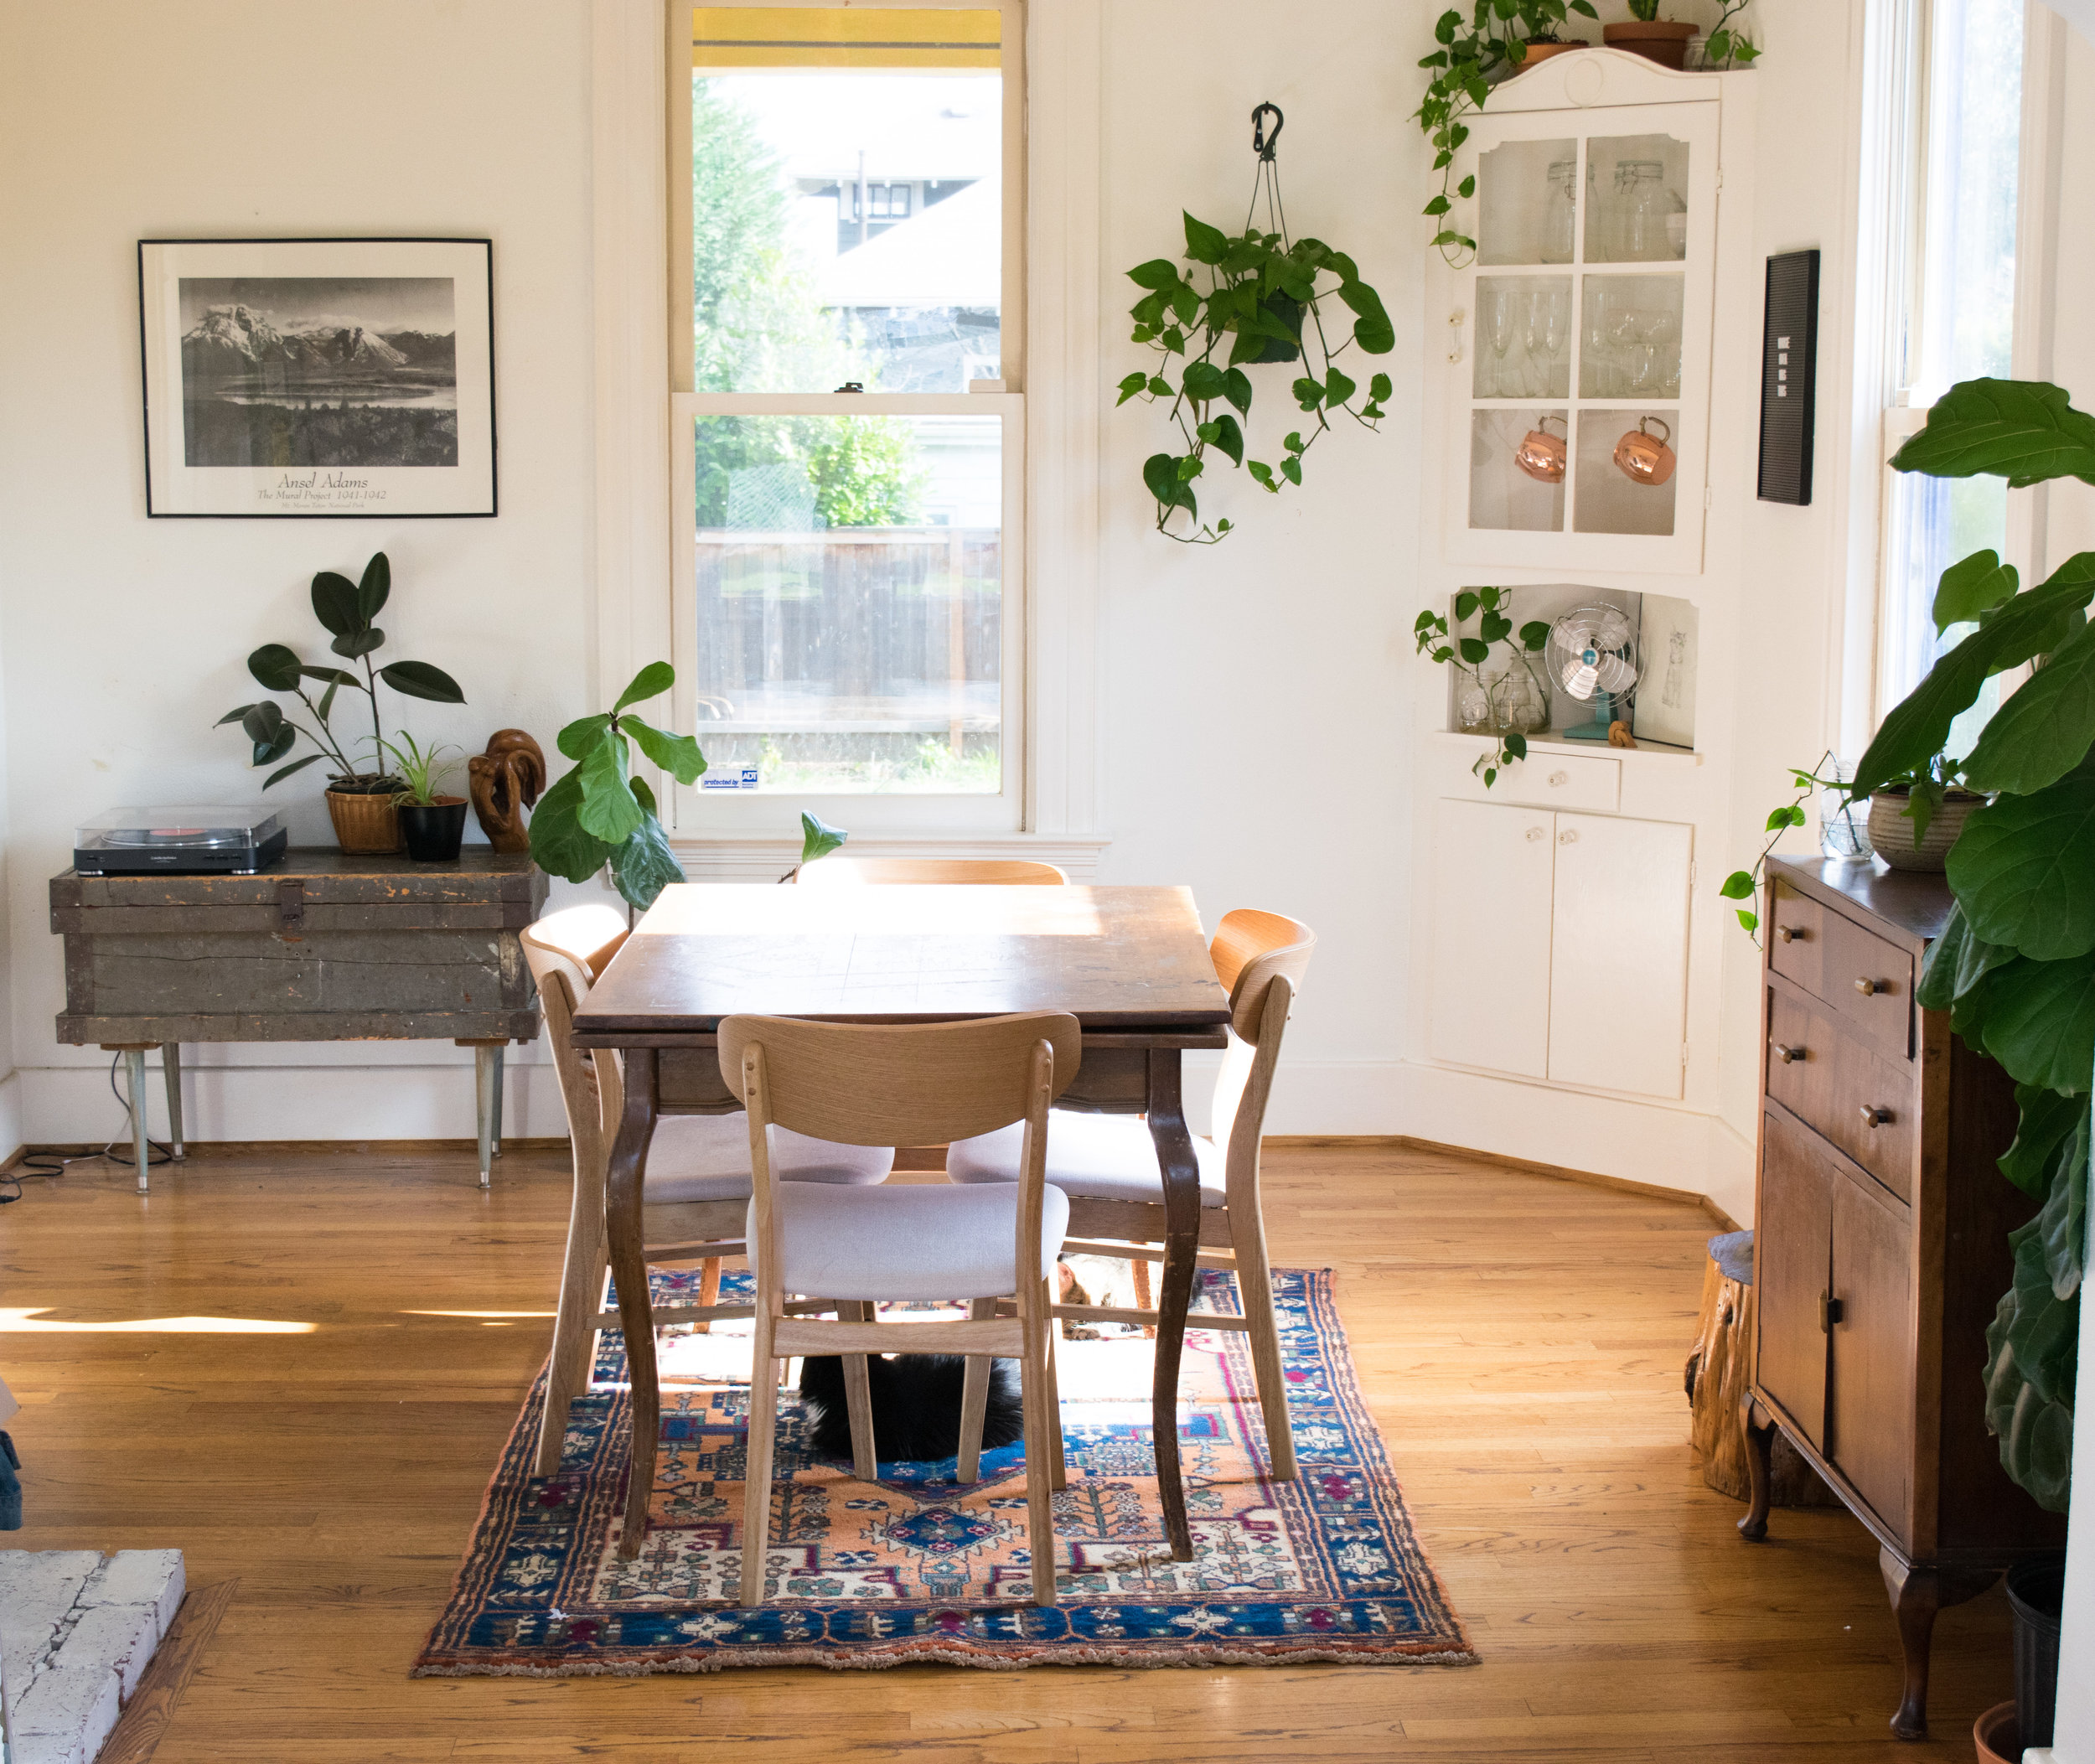 dining_room (1 of 1).jpg